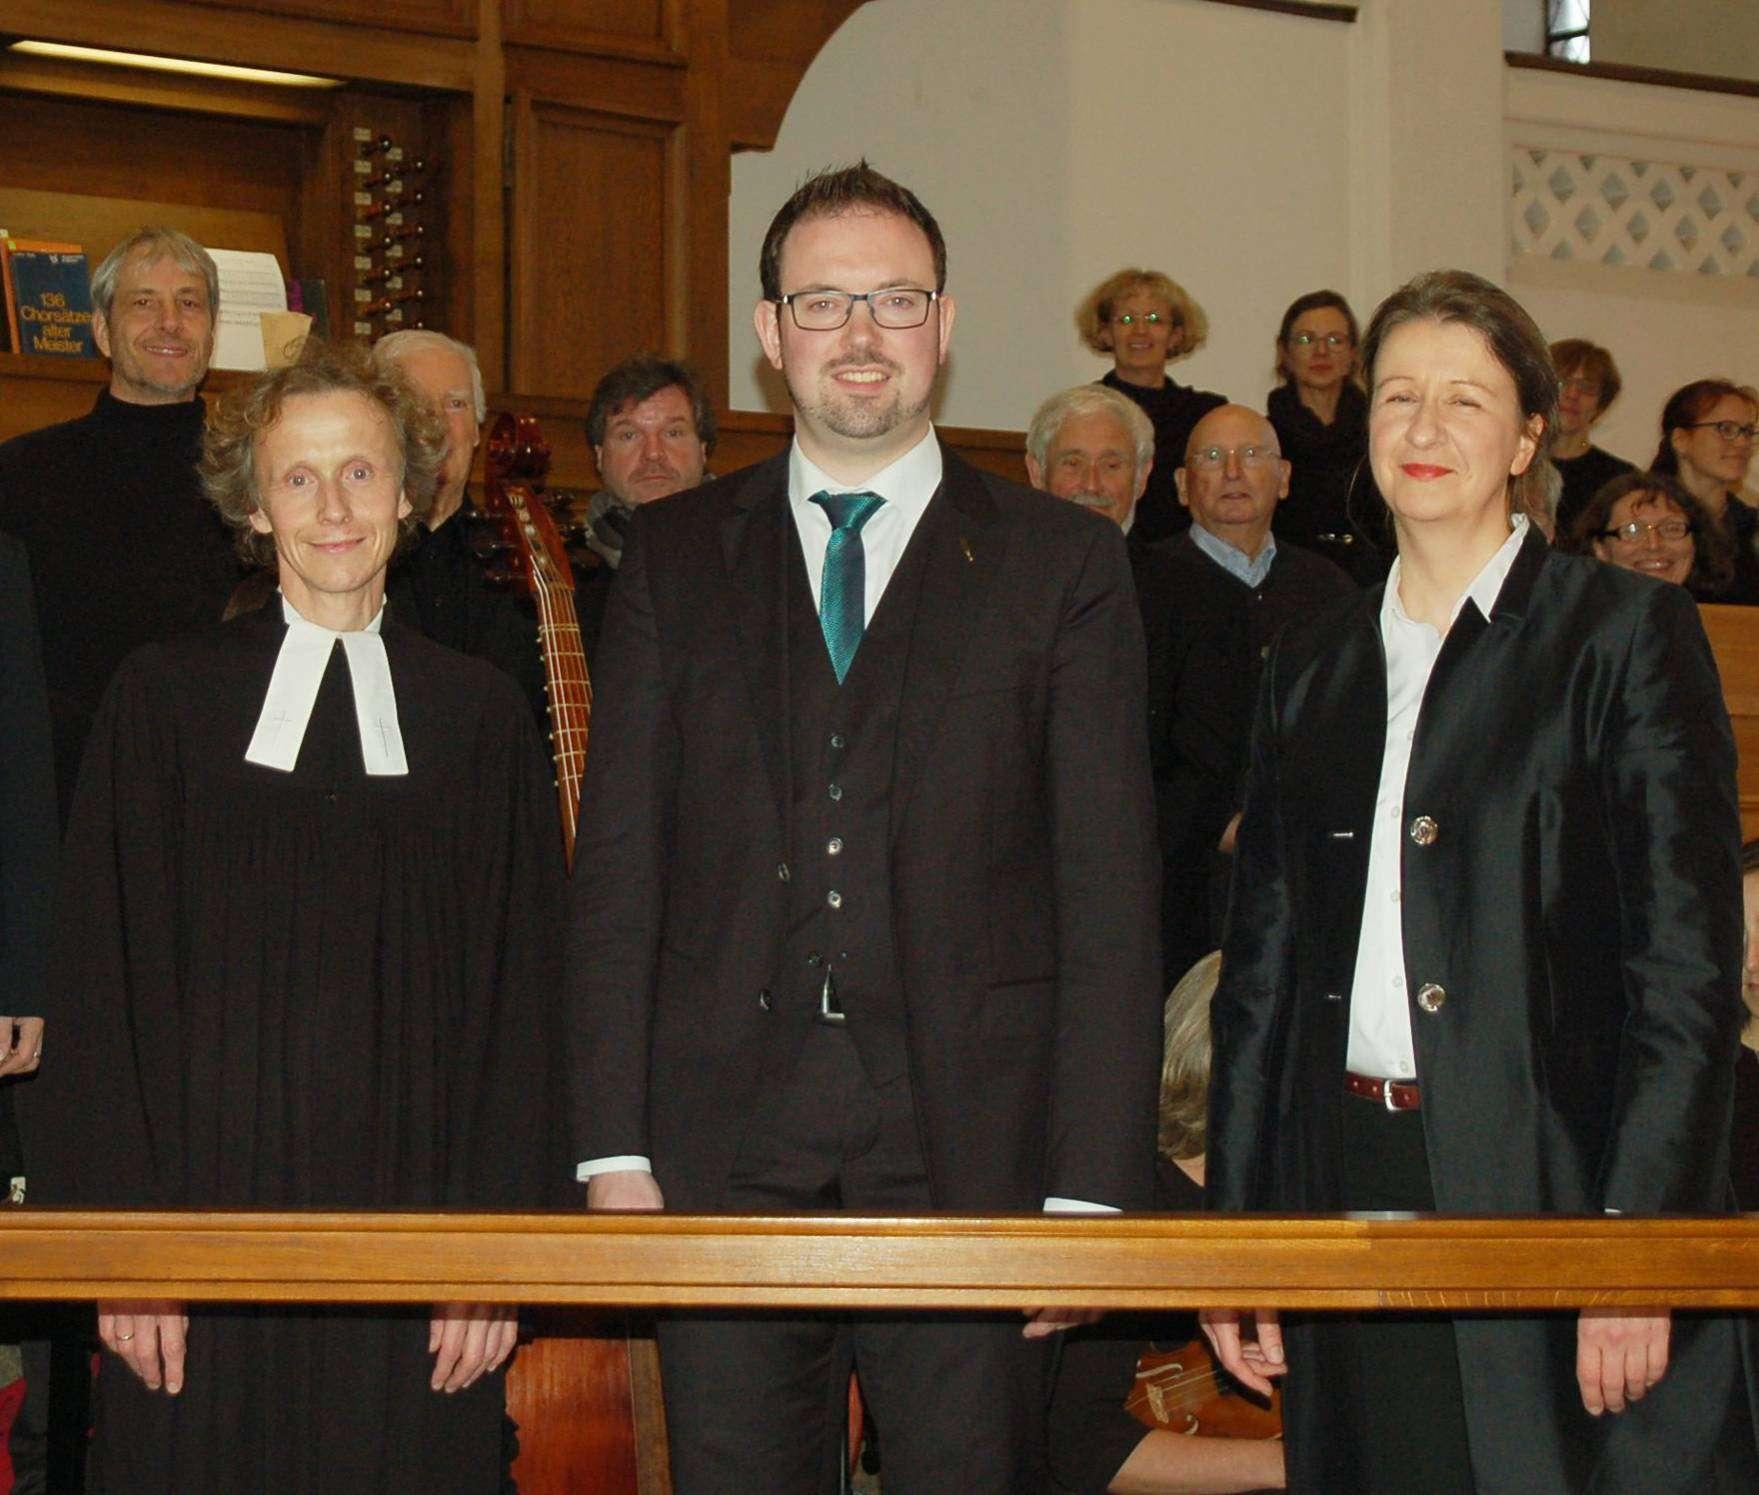 Kantor Simon Schumacher (Mitte) gestaltete seinen Einführungsgottesdienst zusammen mit den Pastoren Alexa und Matthias Wilke.